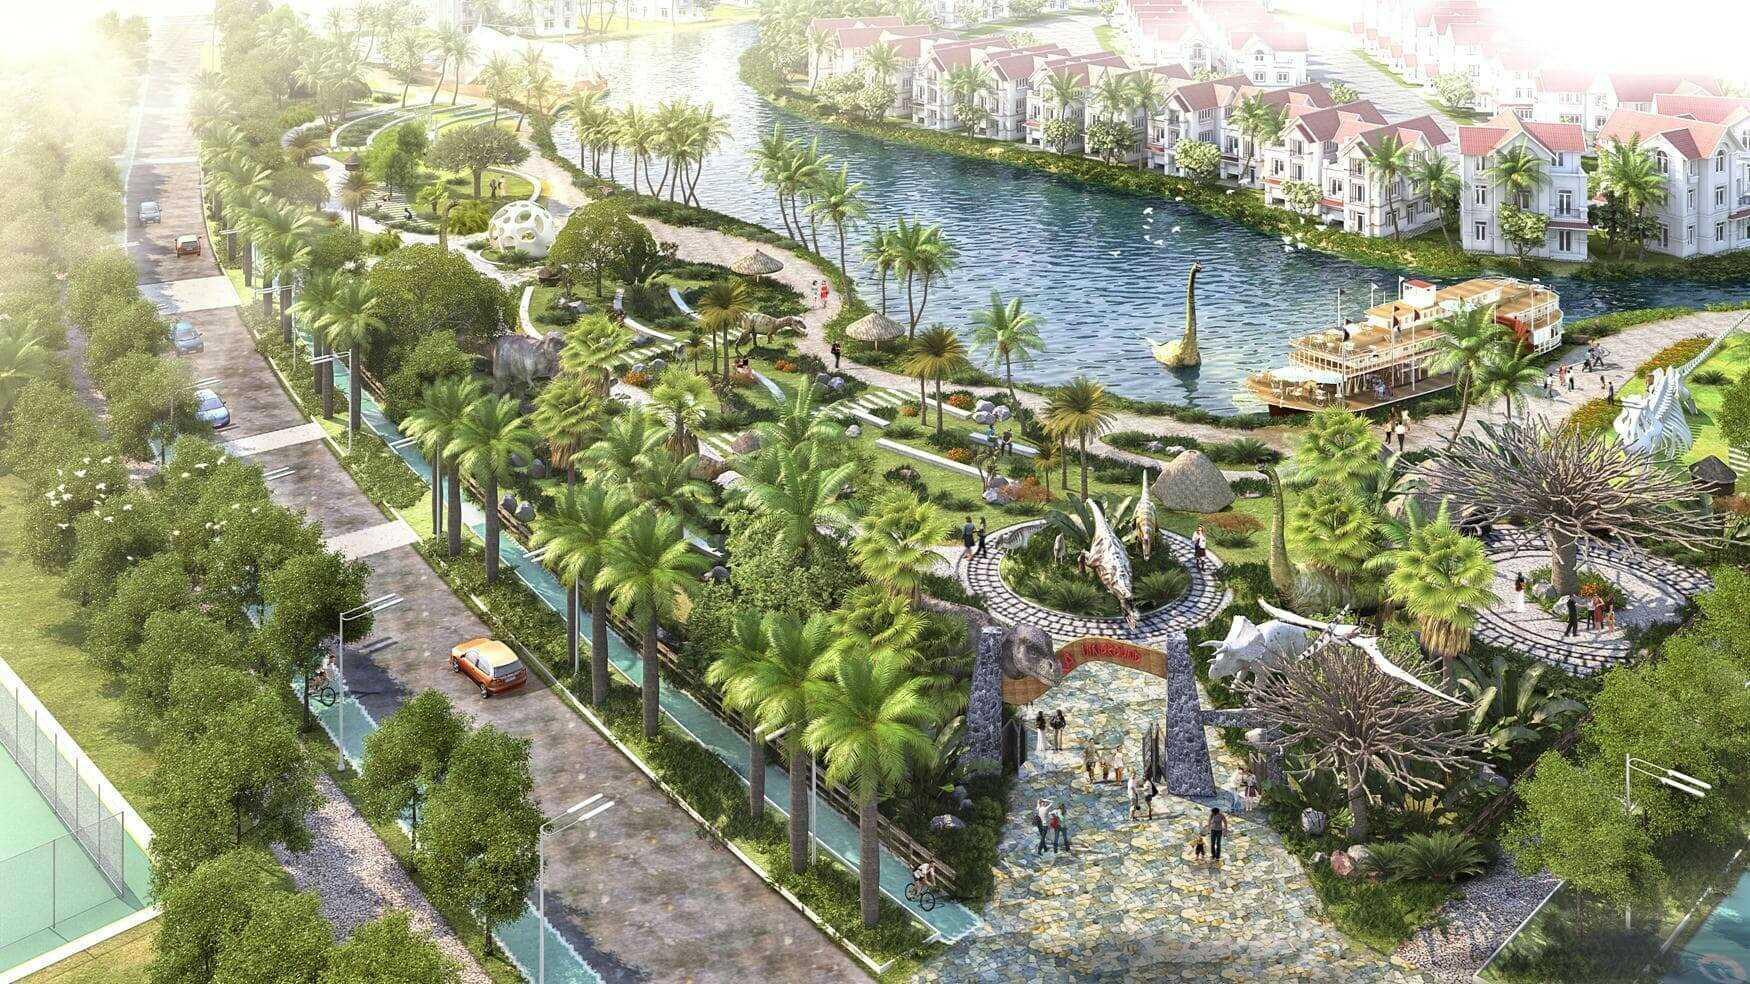 Khu đô thị Vinhomes Dream City Hưng Yên đã chính thức được thủ tướng chính phủ phê duyệt.